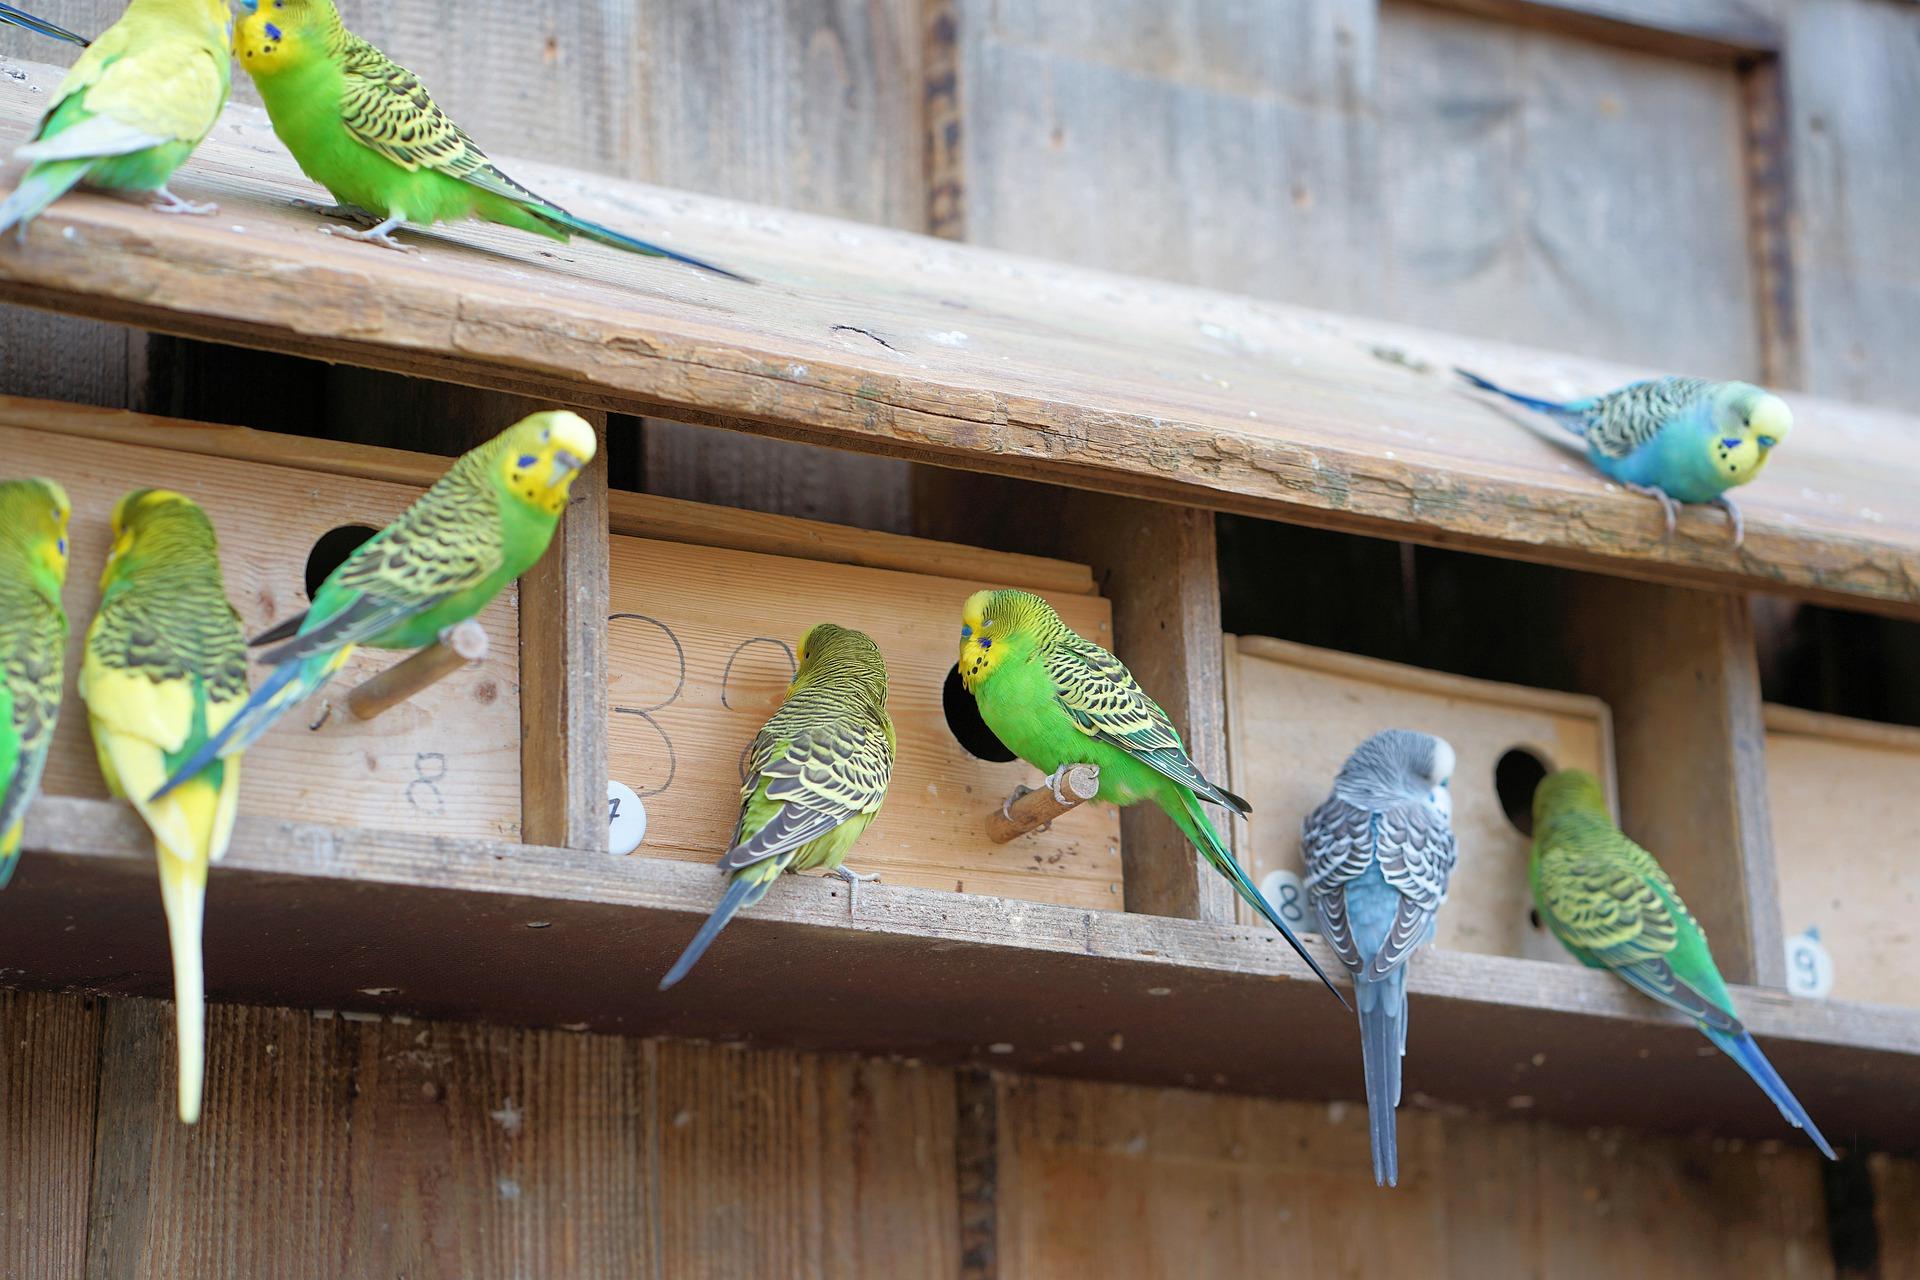 Τα budgies είναι πολύ κοινωνικά πτηνά